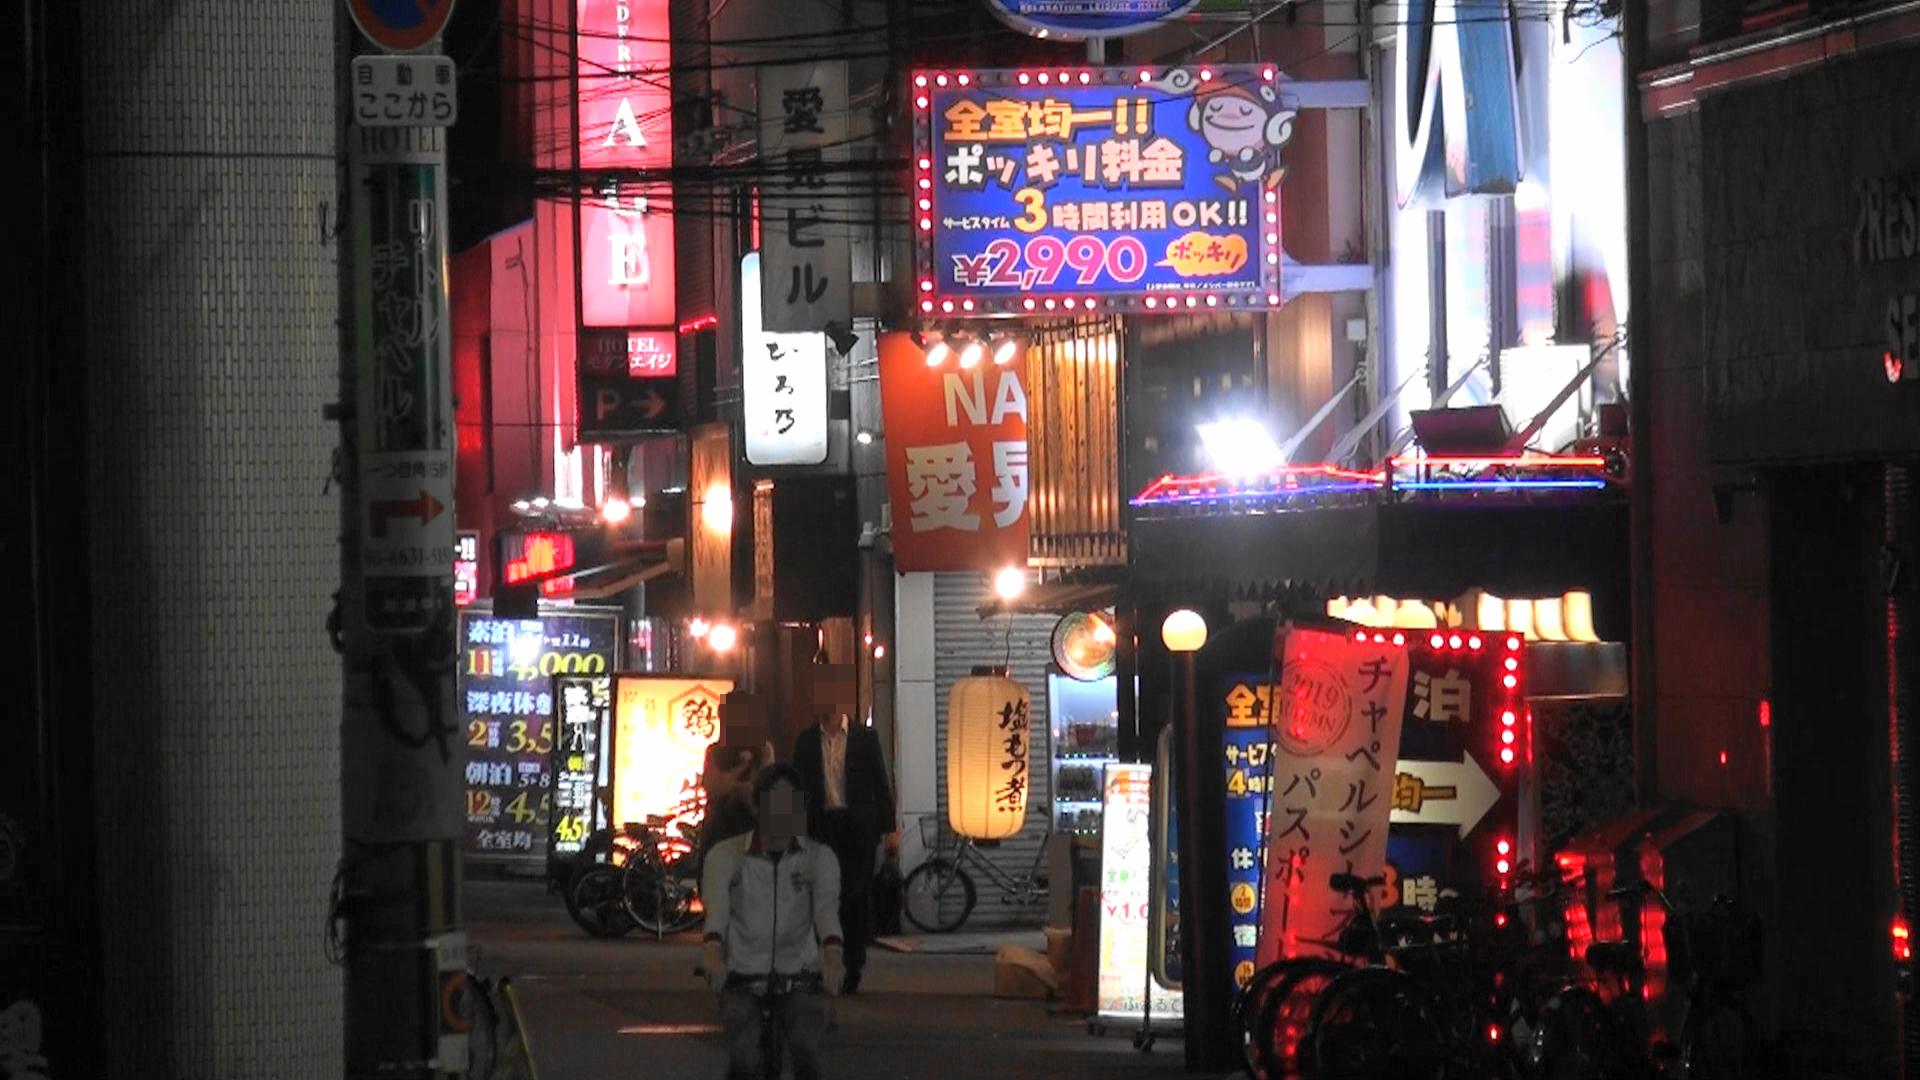 【浮気調査】のご依頼を頂いた大阪府大阪市のお客様の声